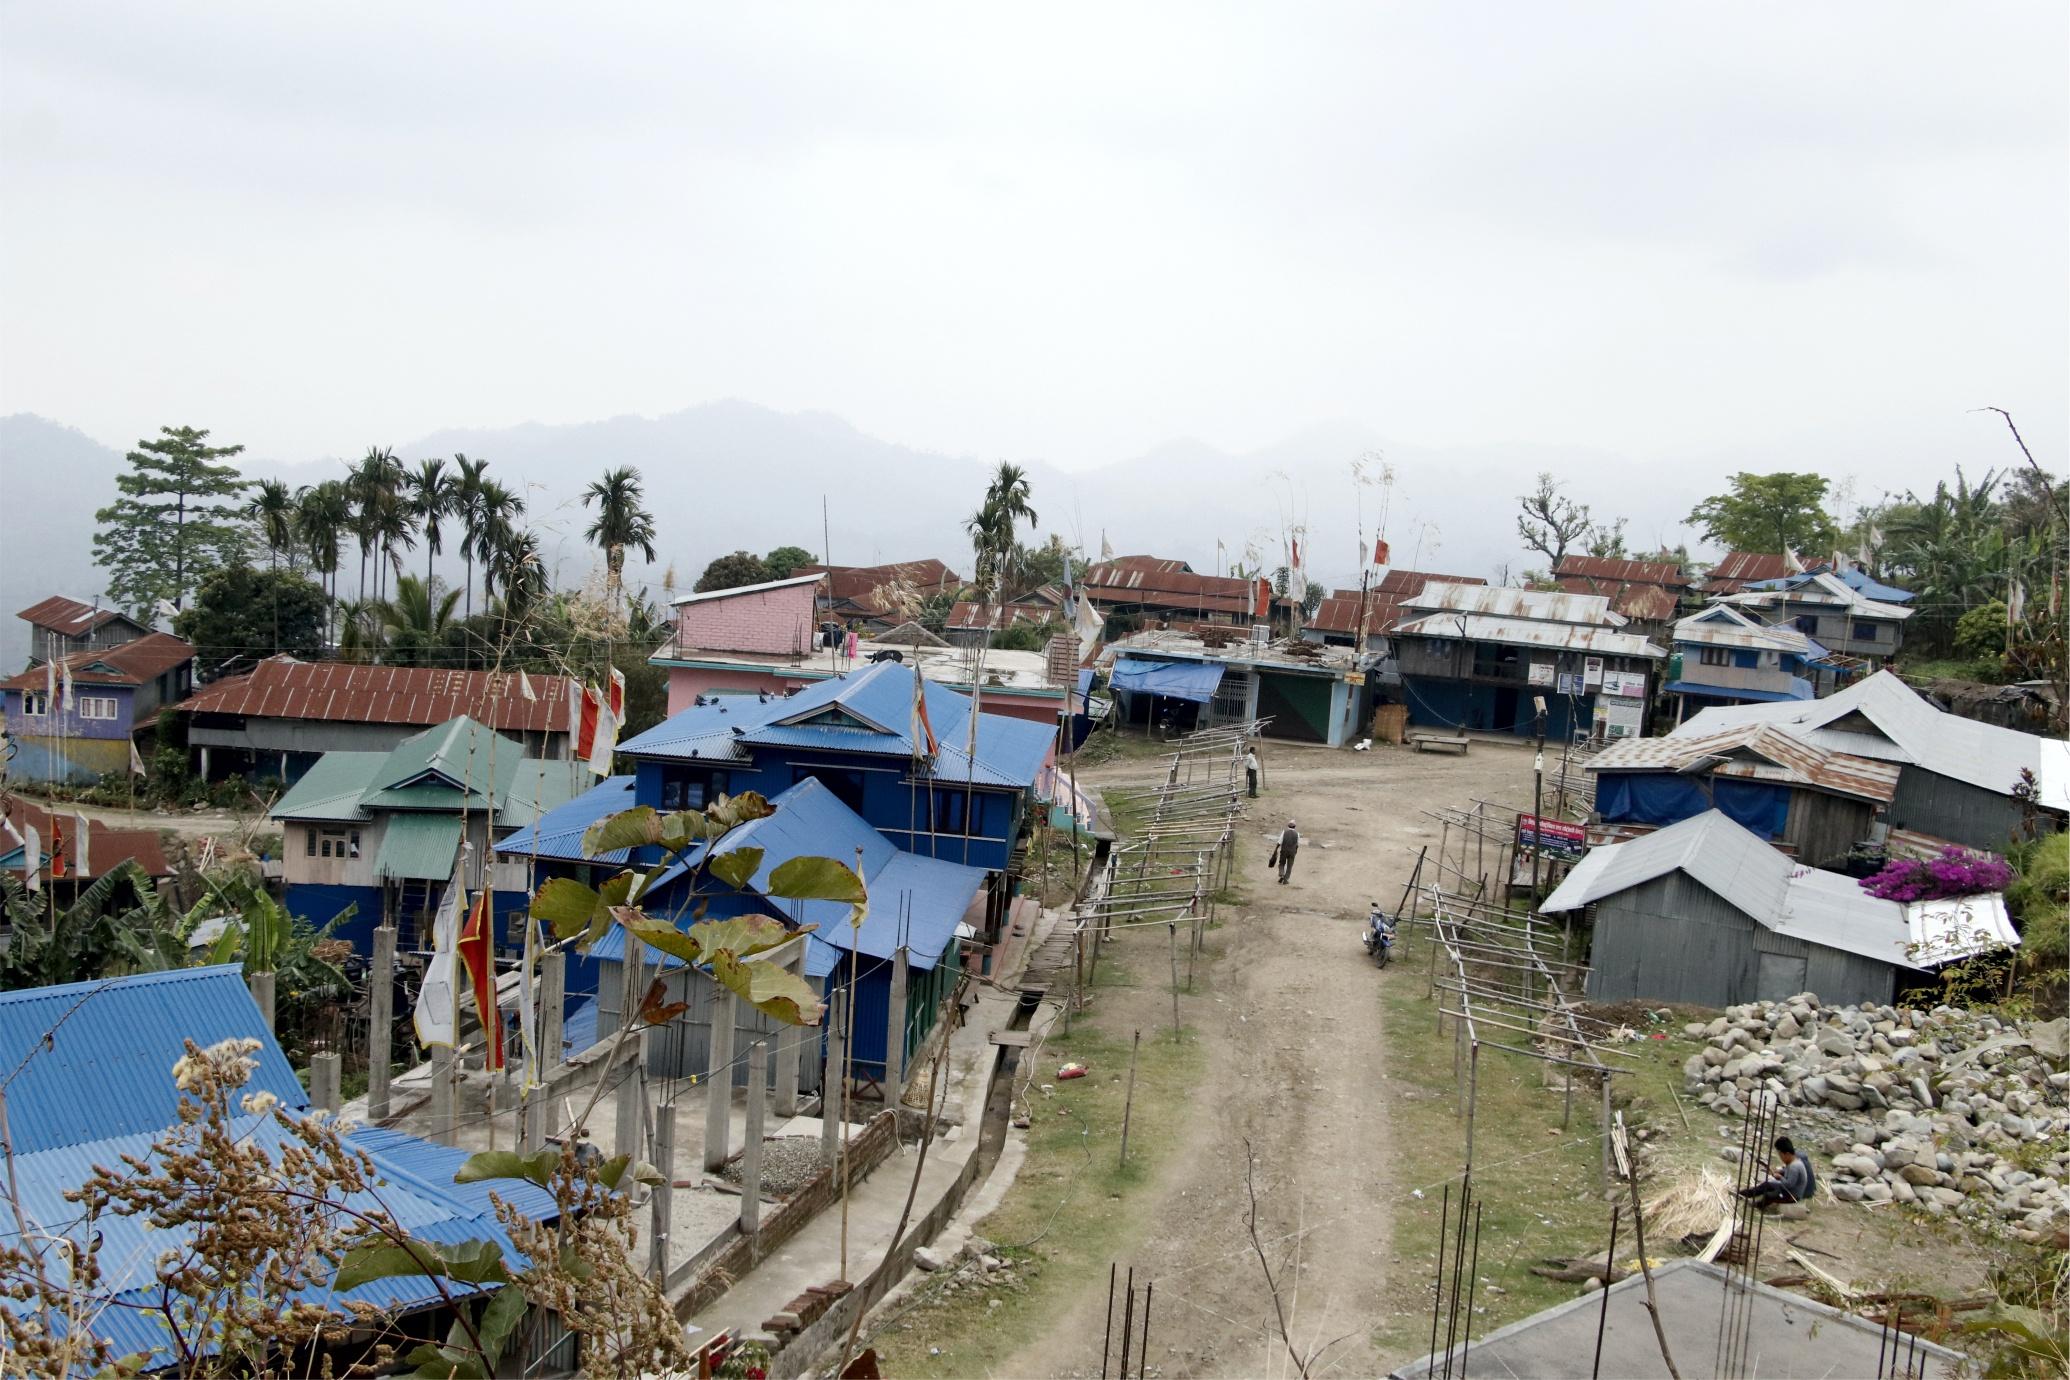 'लकडाउन : माङसेबुङ, १५ फरक तस्बिरमा(फोटो फिचर सहित)